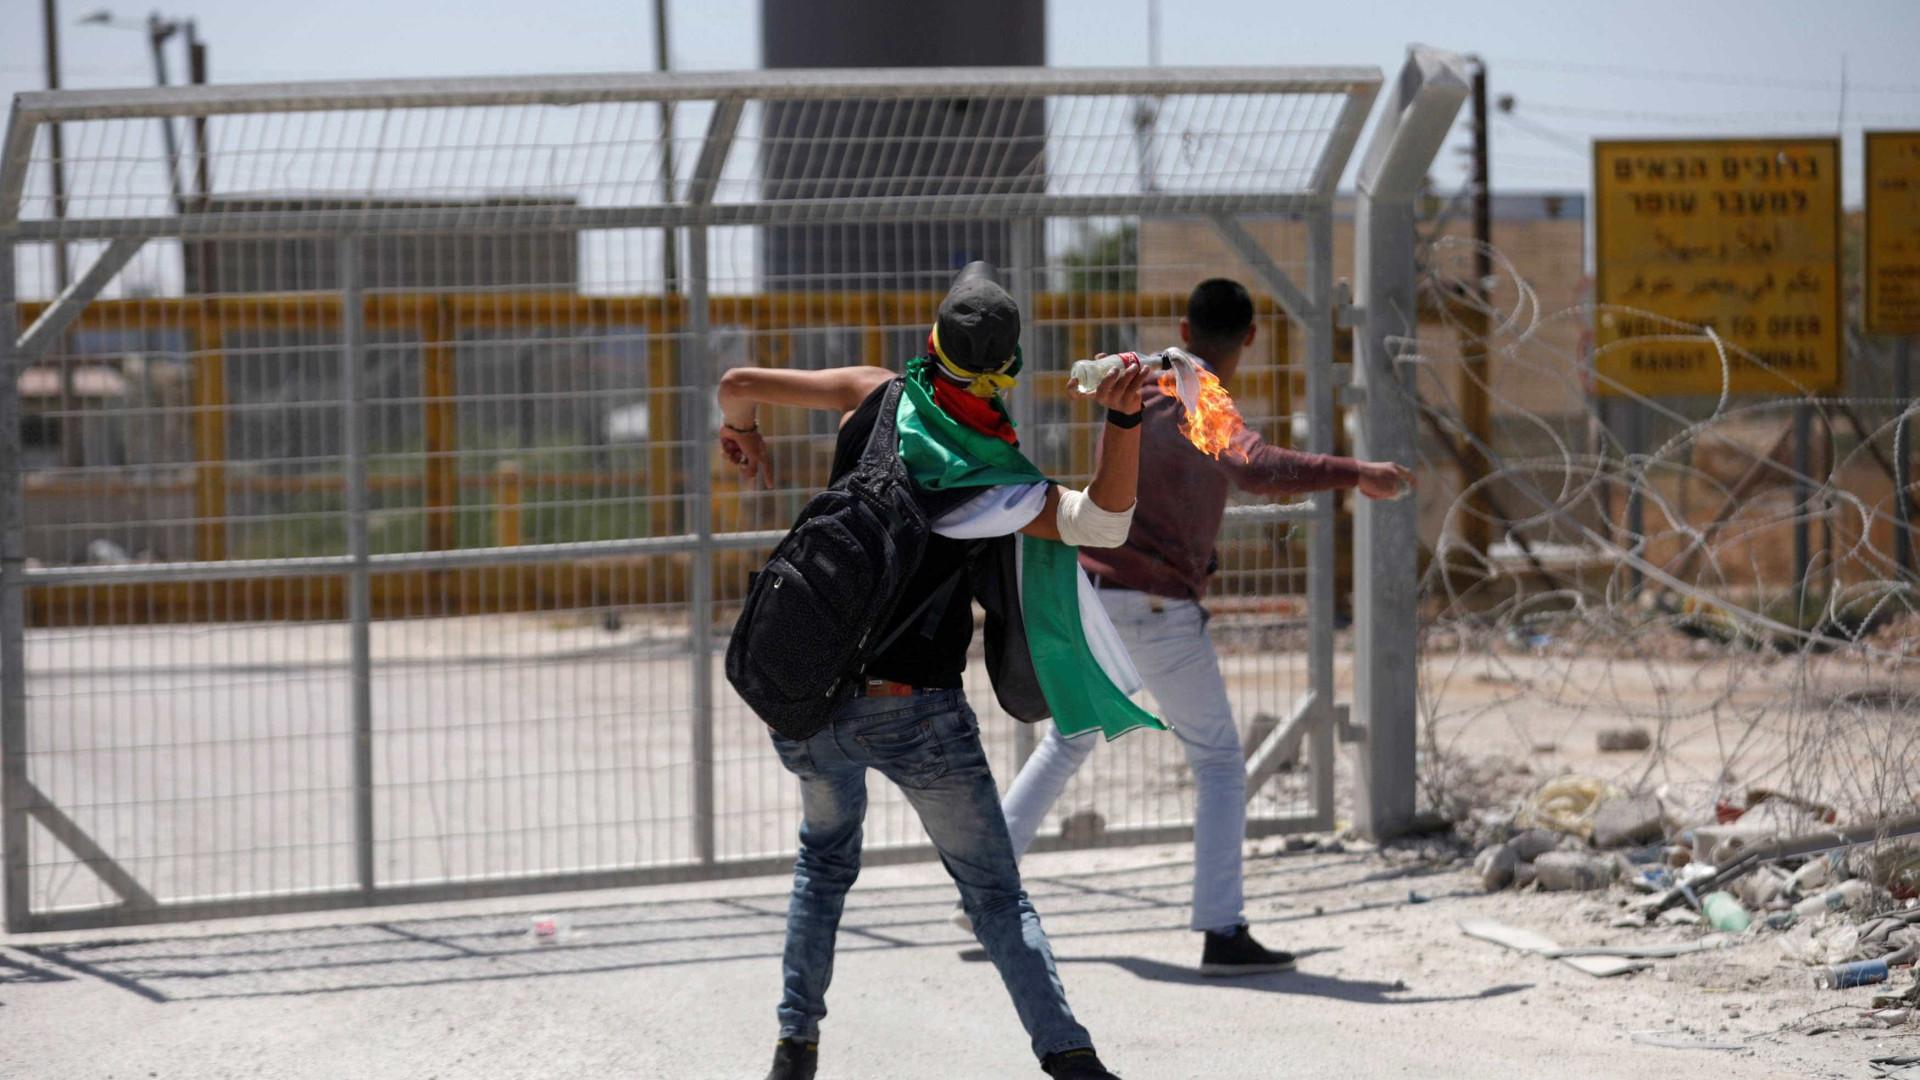 Confrontos entre forças israelitas e palestinianos diante de uma prisão